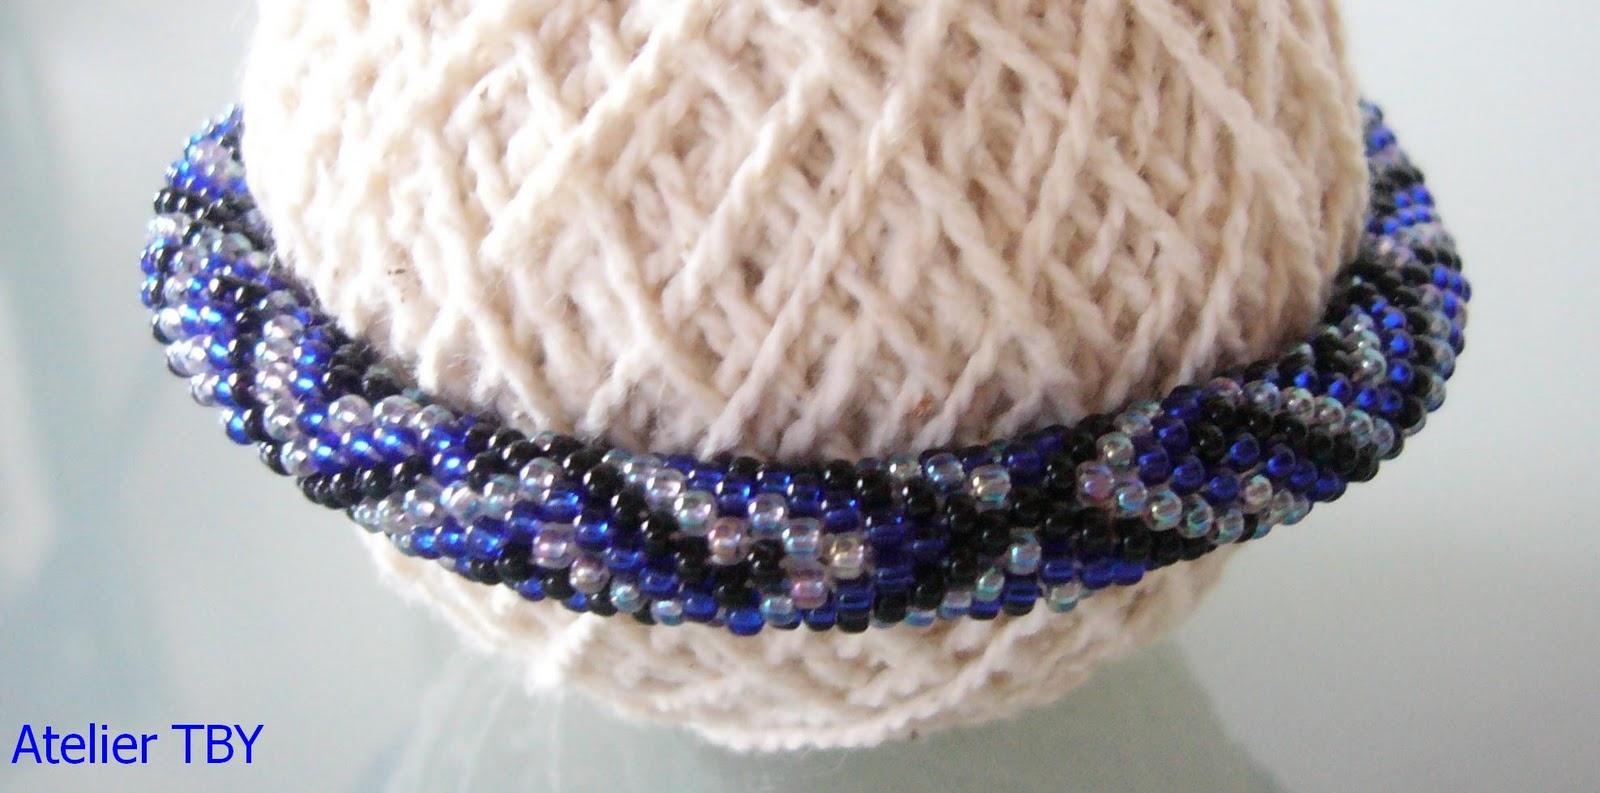 Atelier Tby Bead Crochet